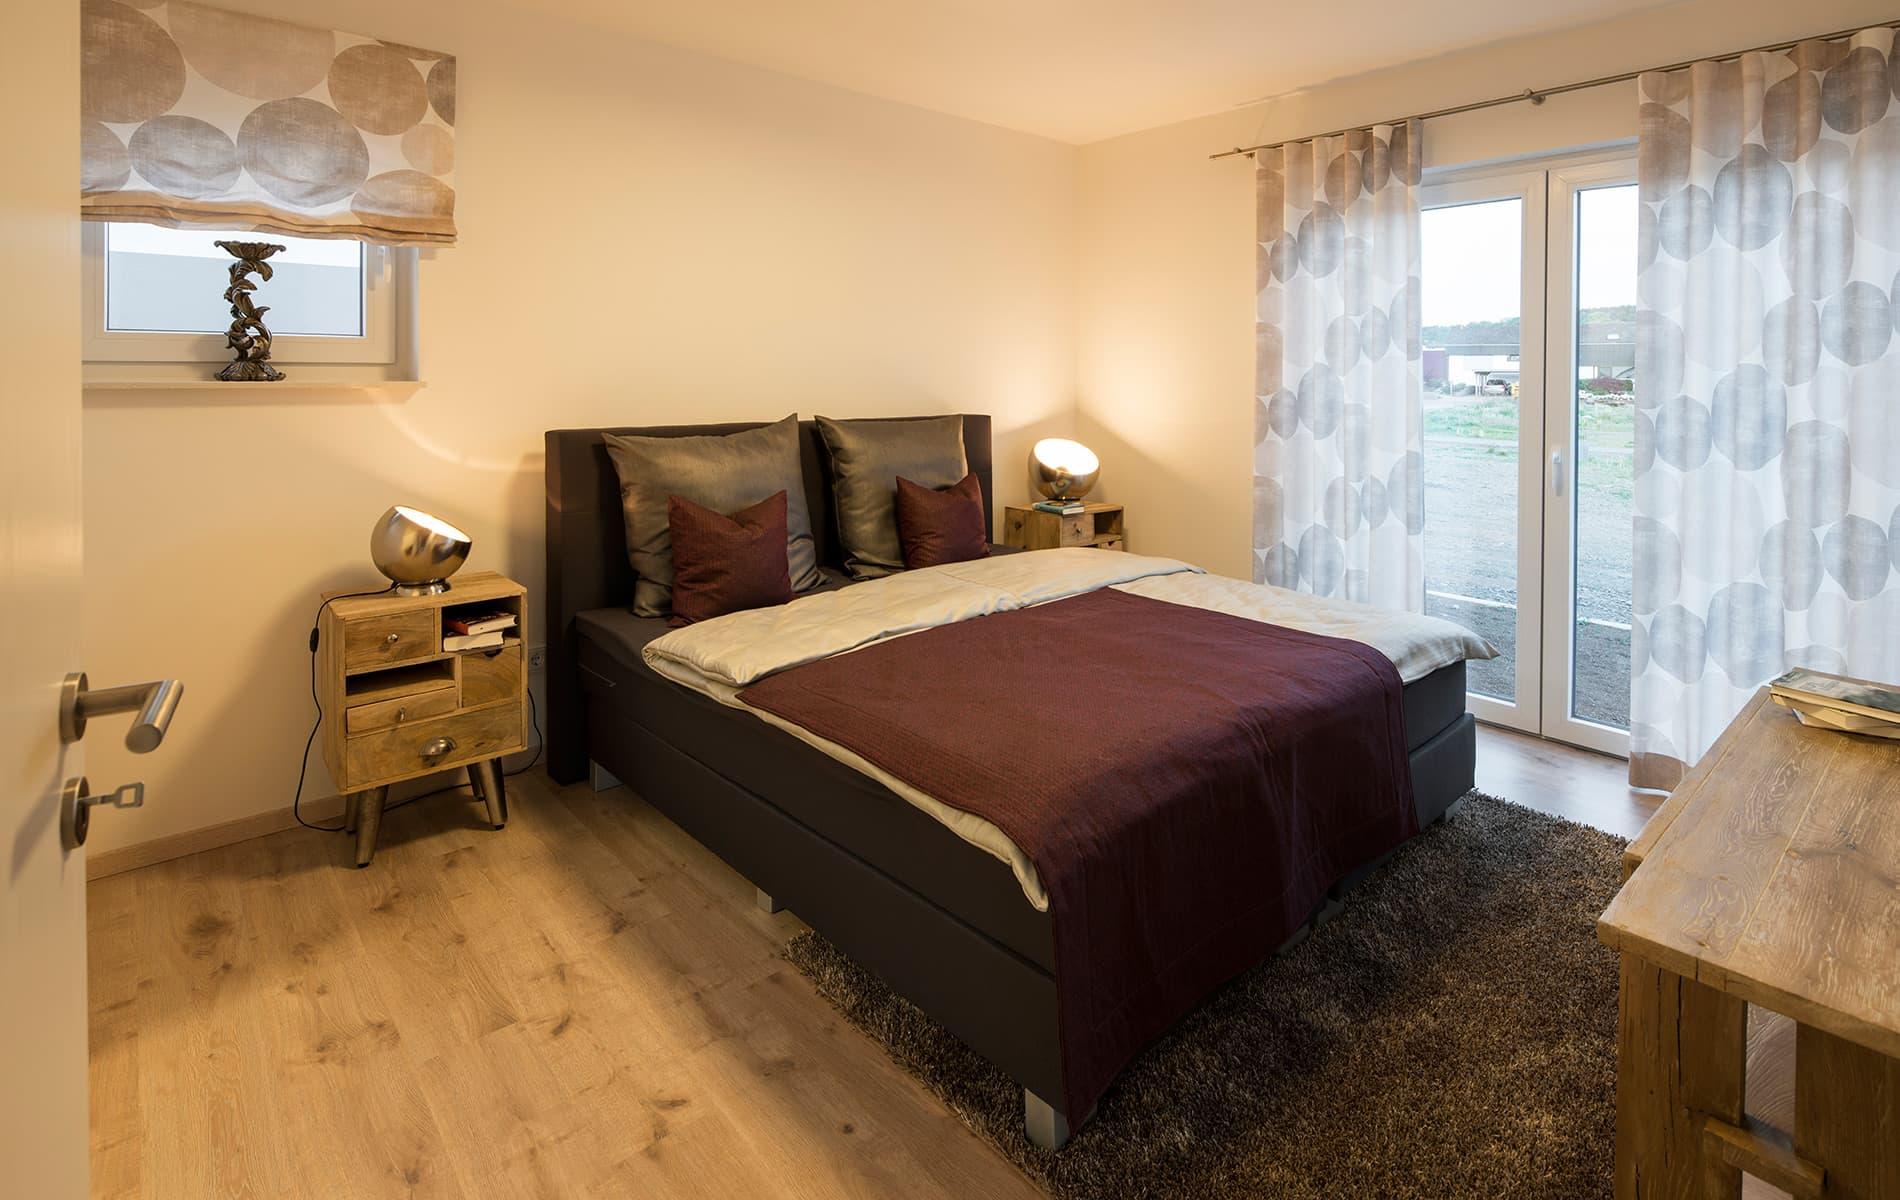 NIVO - Battenfeld - gemütliches Schlafzimmer